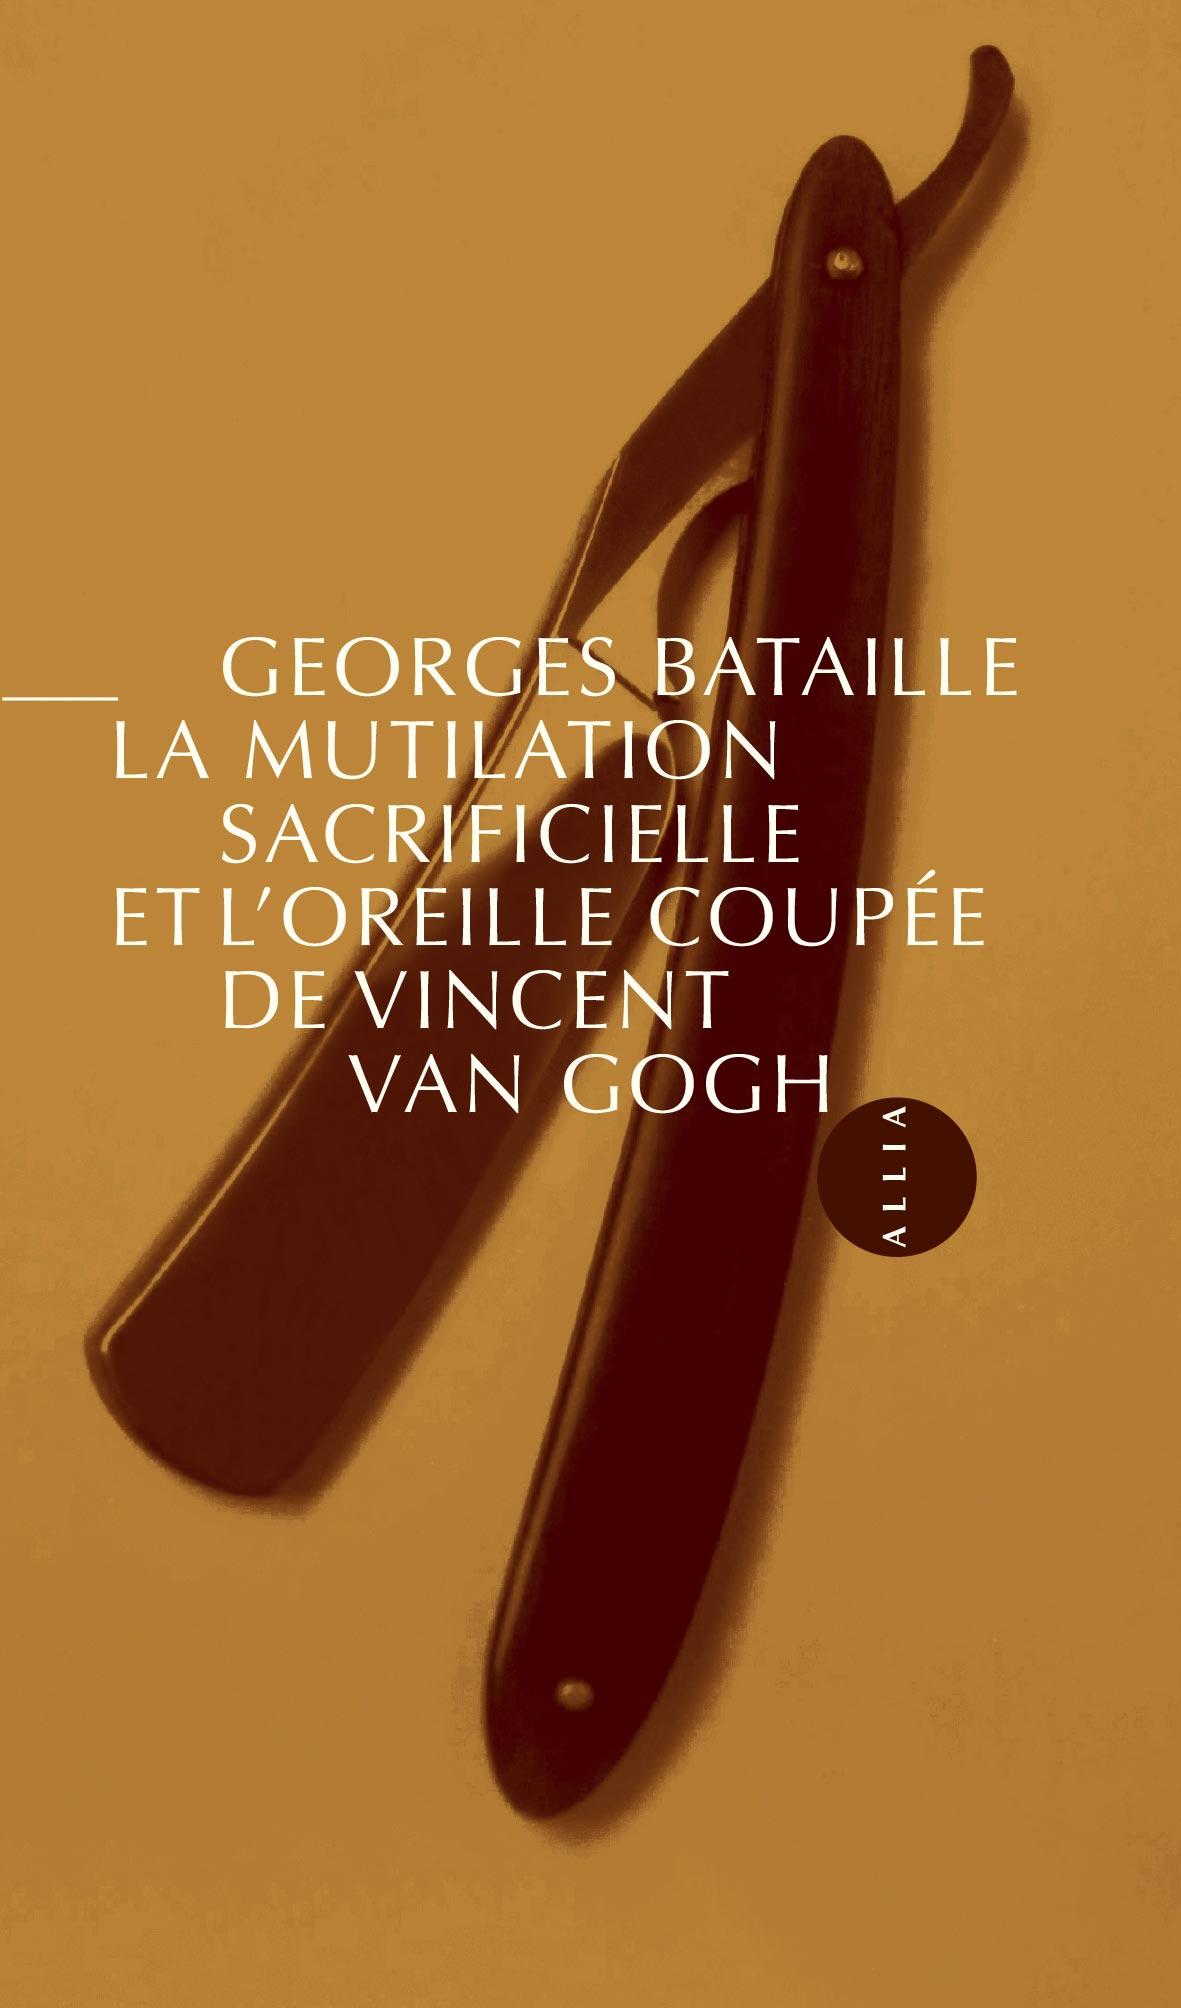 Editions allia livre la mutilation sacrificielle et l oreille coup e de vincent van gogh - L oreille coupee van gogh ...